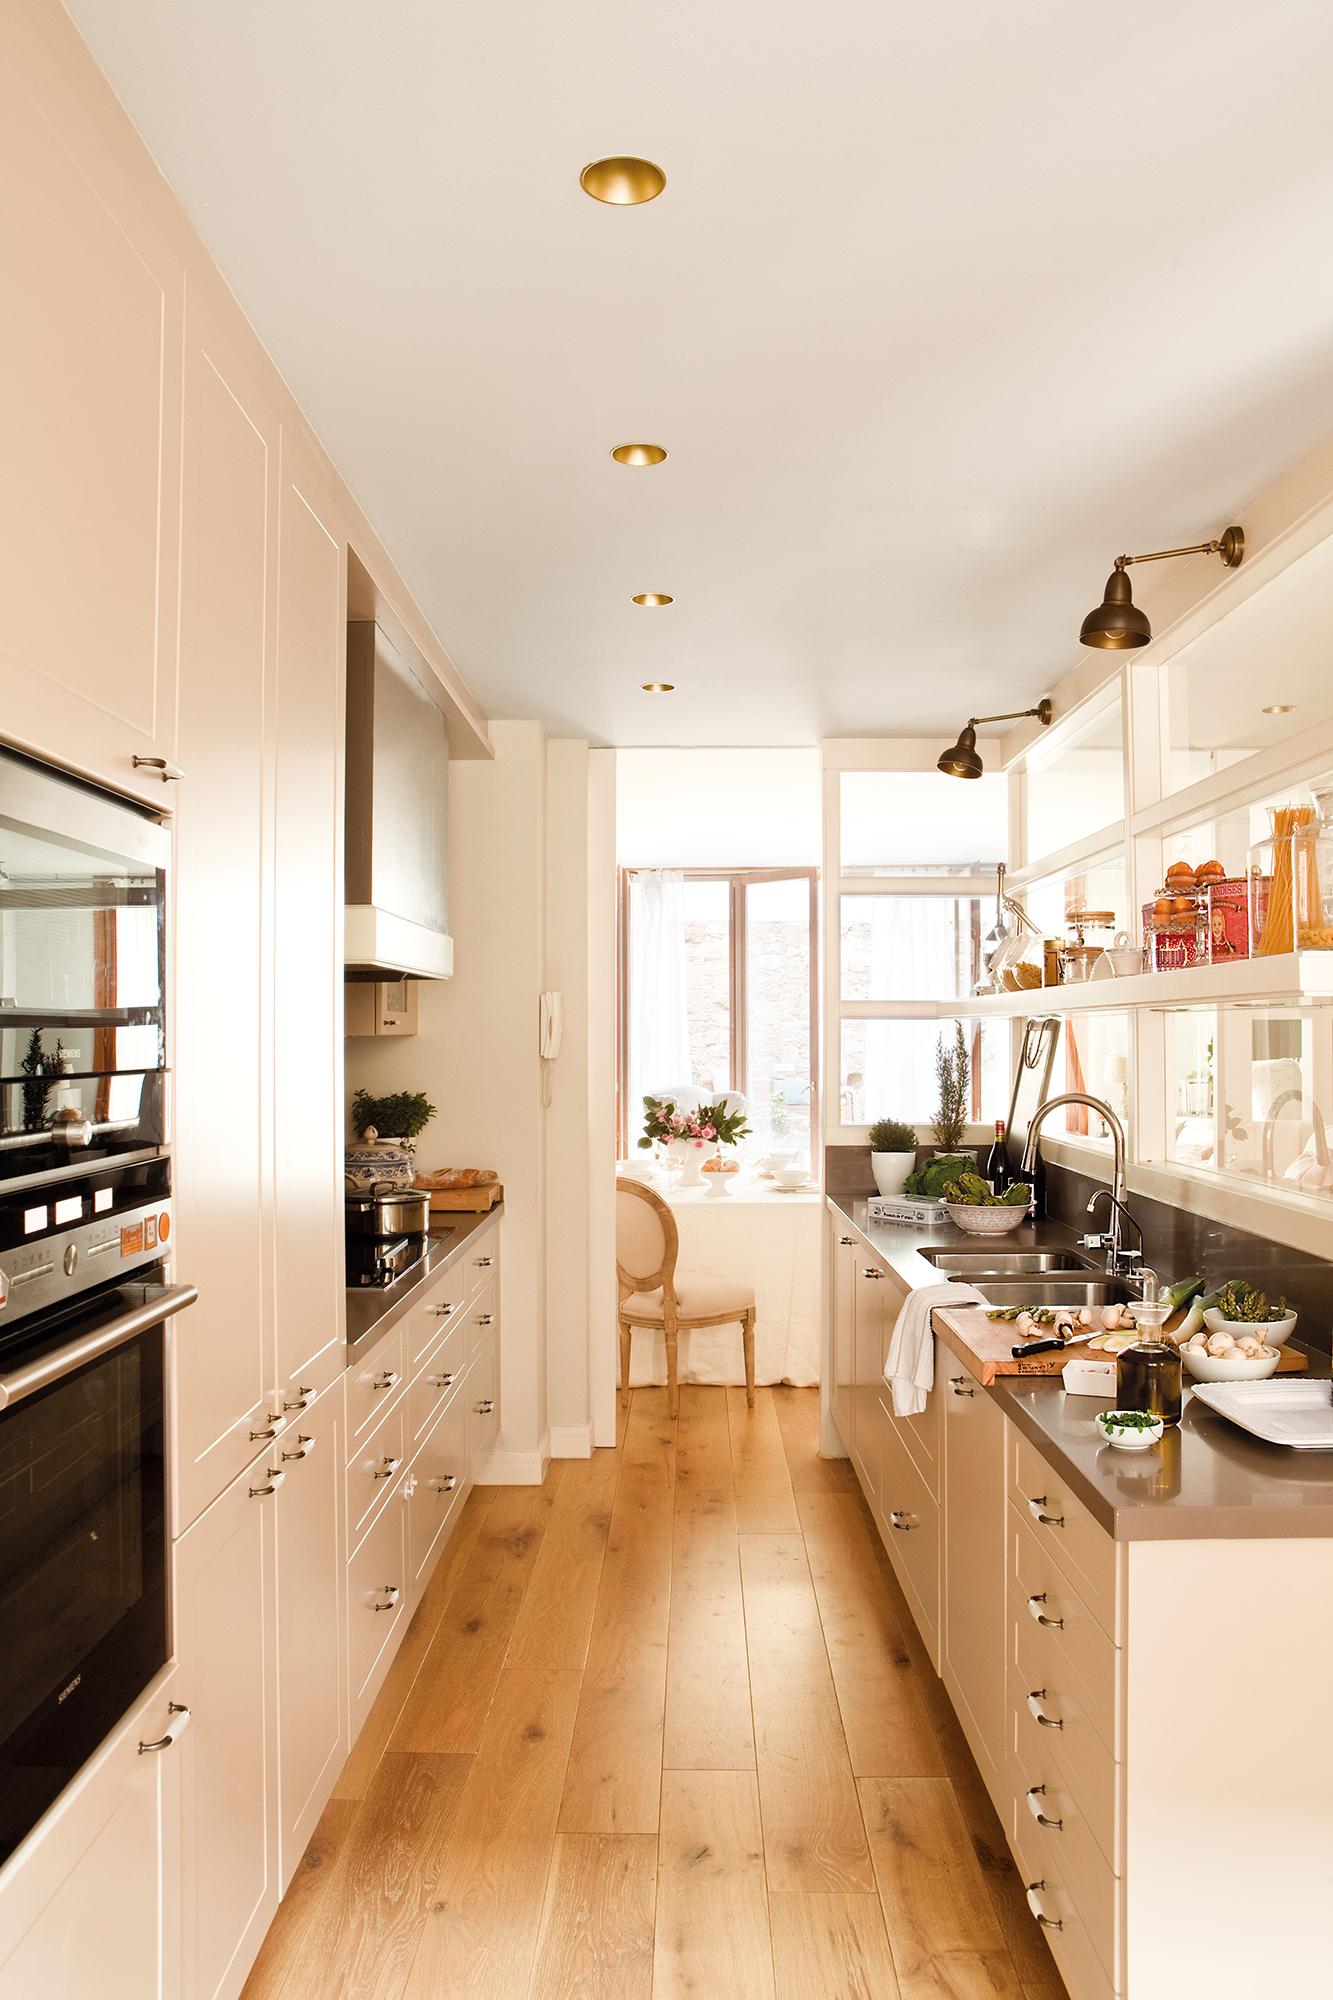 Cocinas peque as distribuidas en paralelo for Cocinas alargadas y estrechas fotos